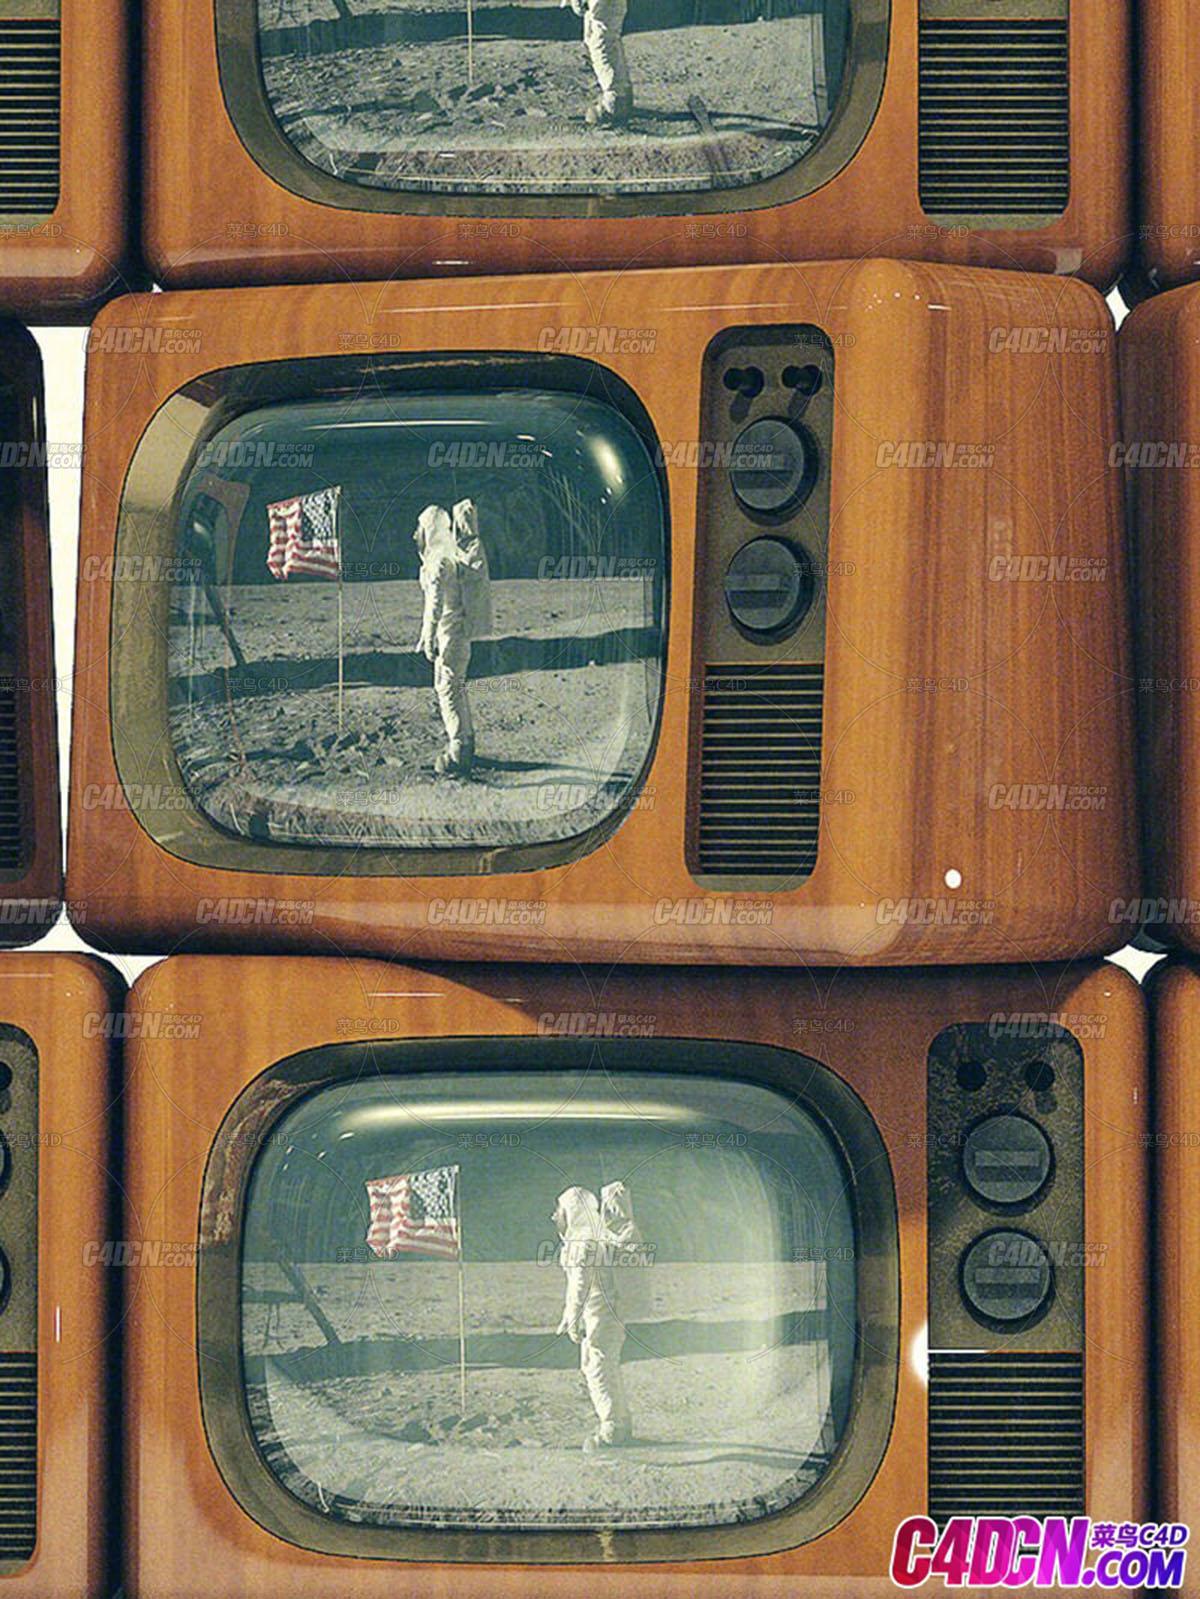 播放美国宇航员登月画面老旧复古木质外壳电视机C4D模型